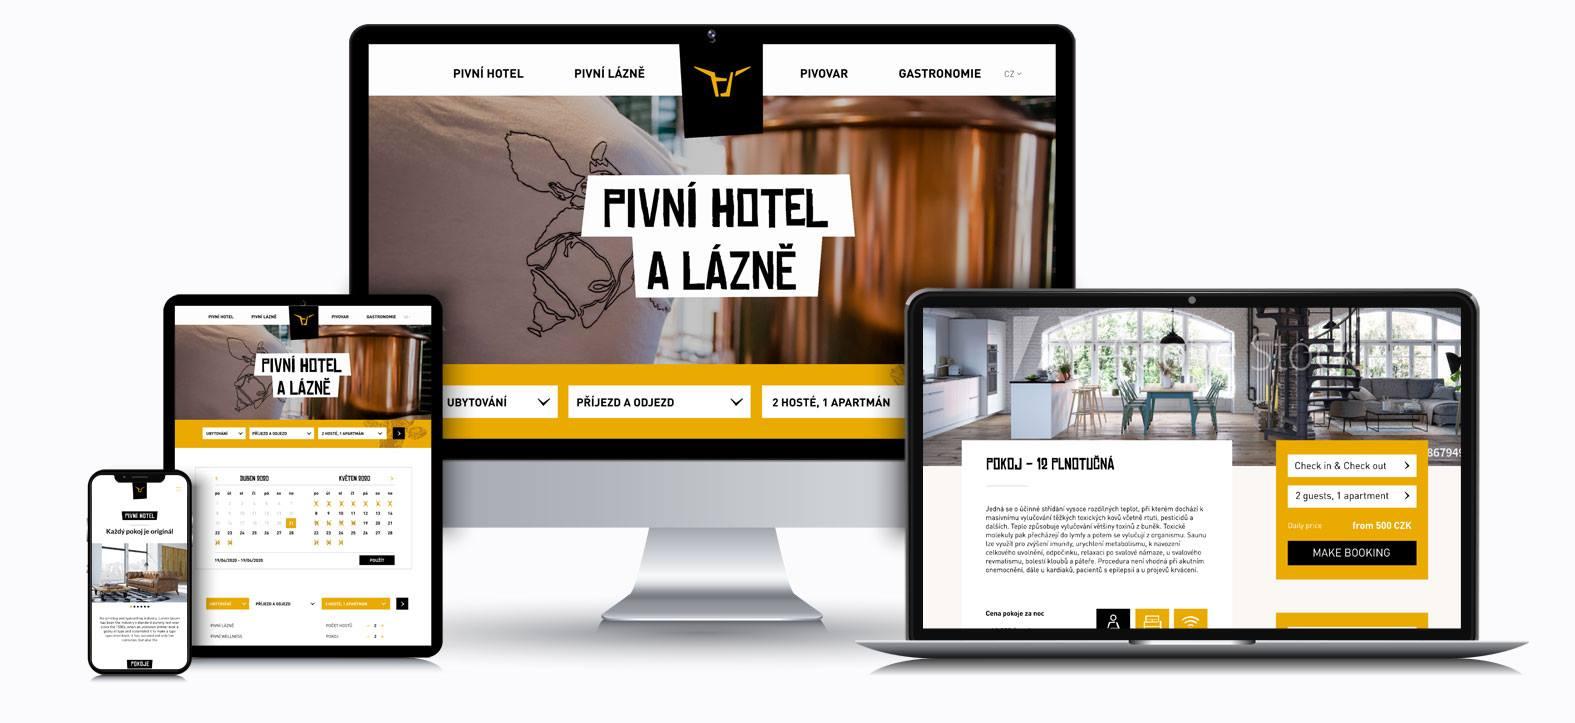 Pivní Hotel